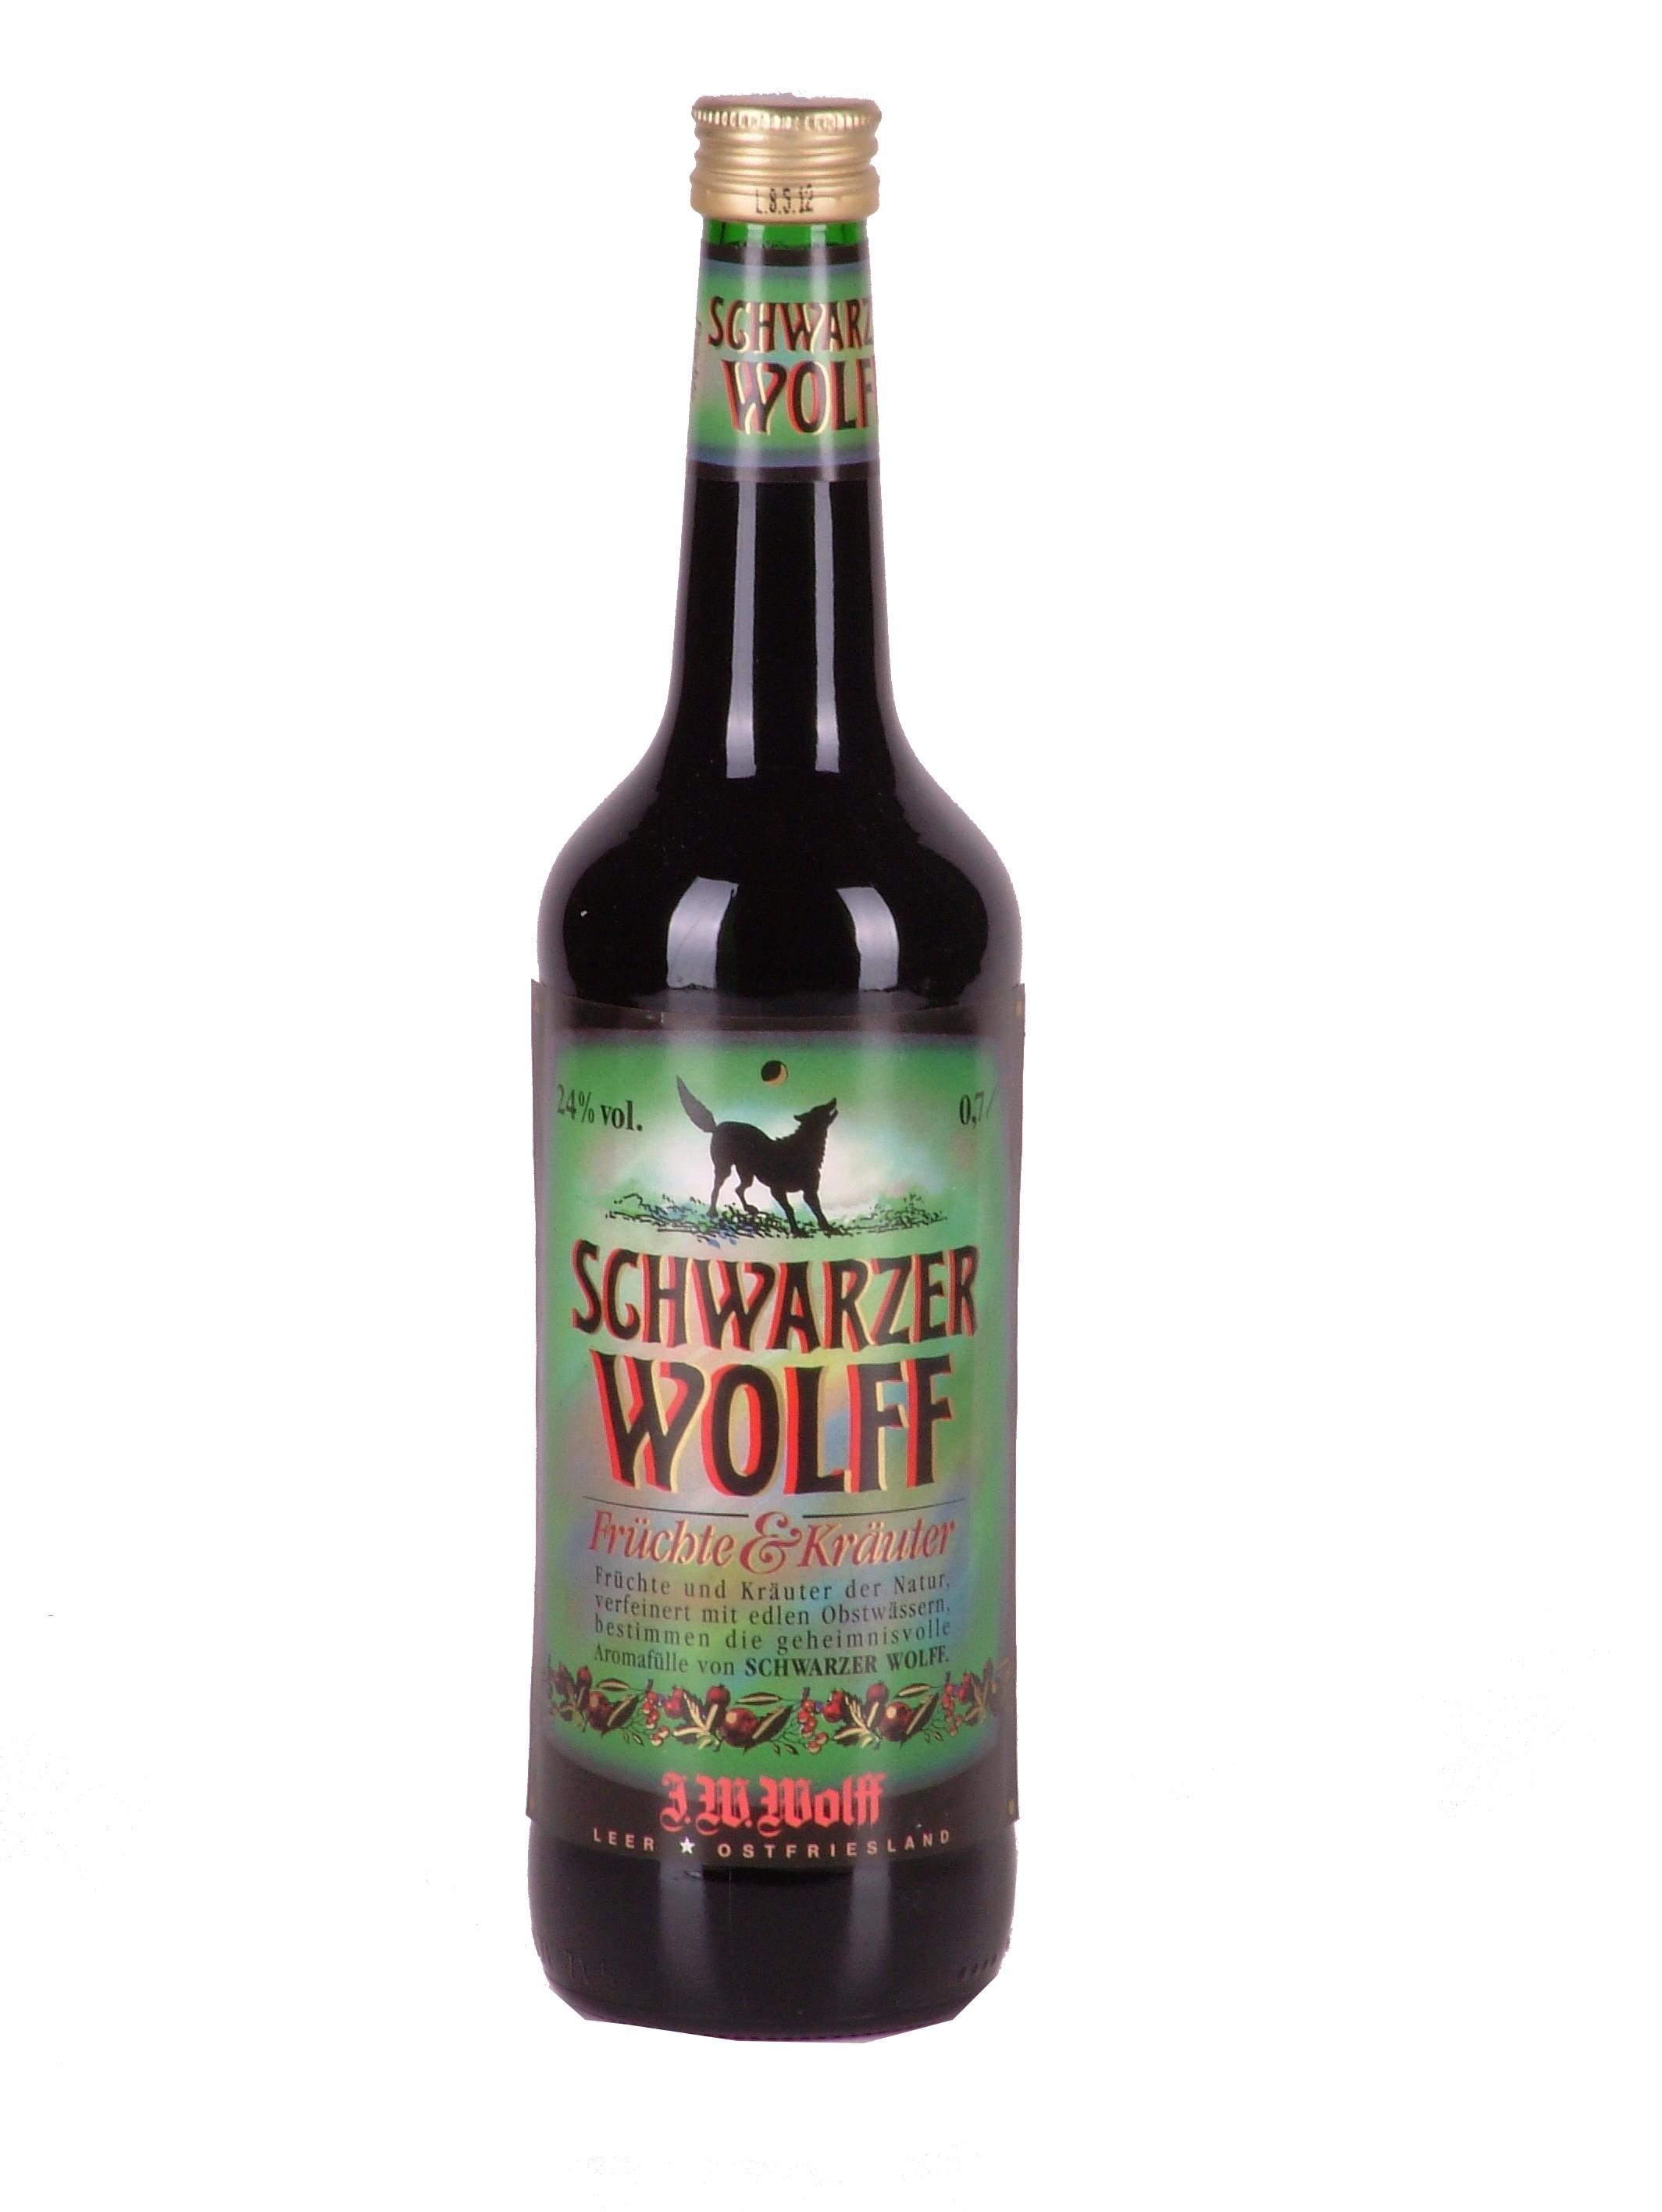 Schwarzer Wolff 24% vol. Früchte und Kräuter - Wein Wolff